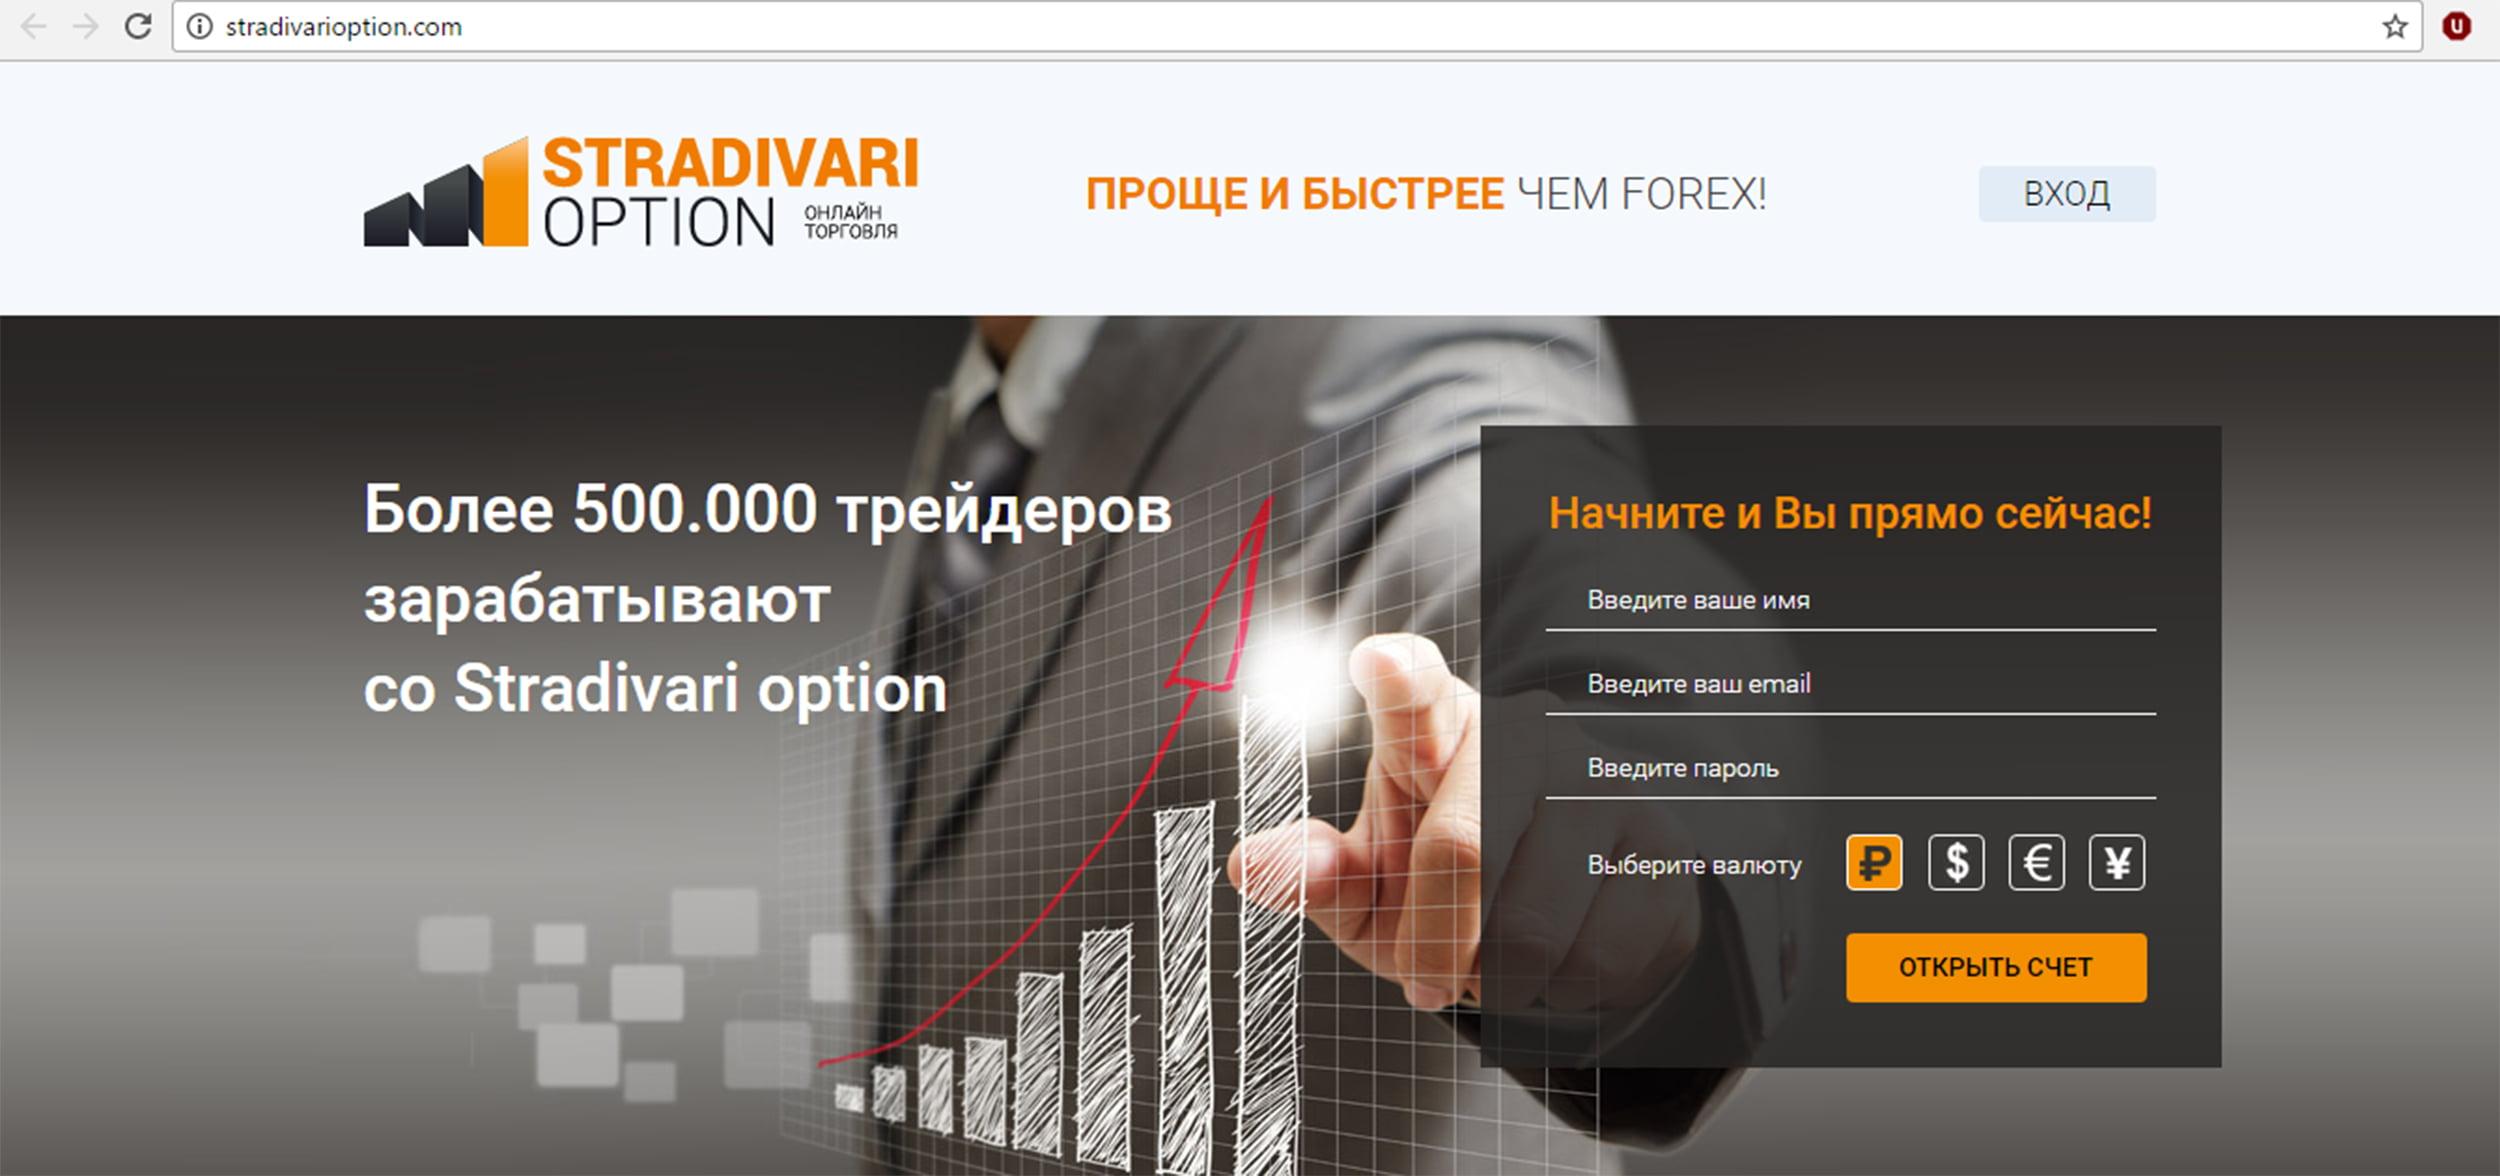 Отзывы о сайтах по торговле бинарными опционами перспективная криптовалюта для вложений